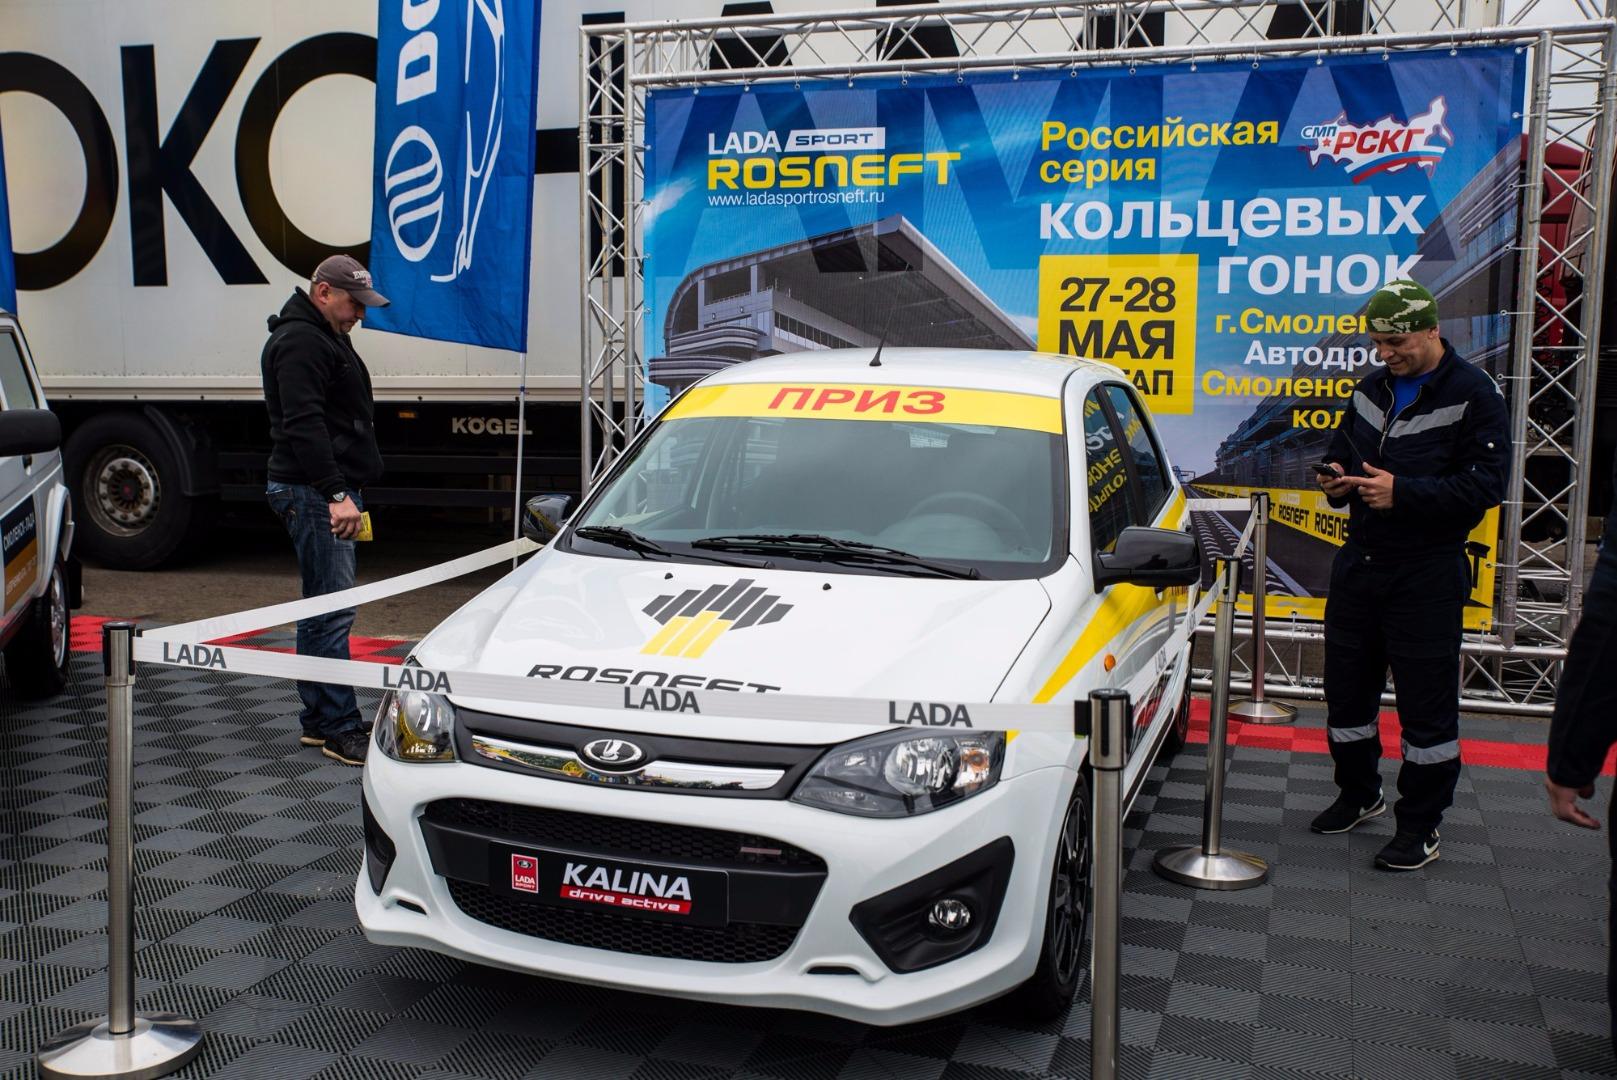 LADA Sport: состоялся второй этап соревнований  Российской серии кольцевых гонок